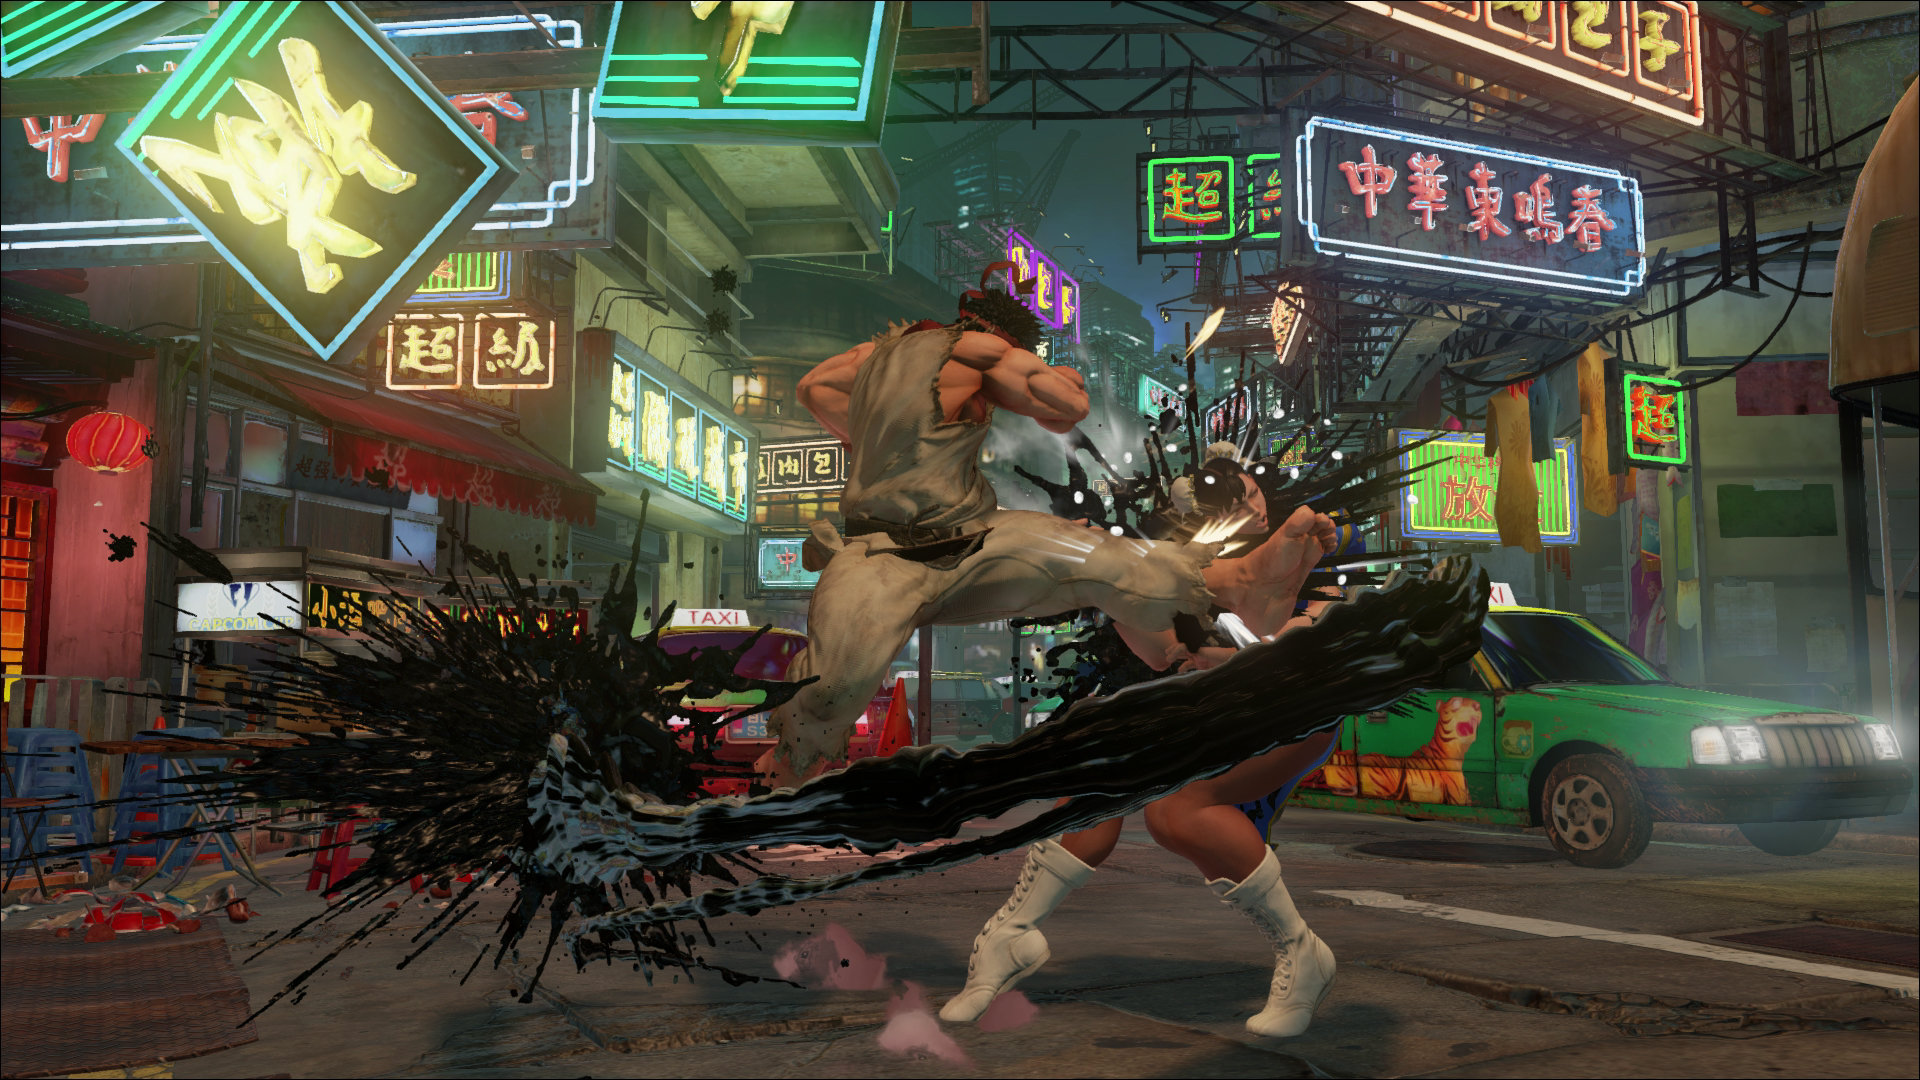 street-fighter-v-screen-03-ps4-us-03dec14